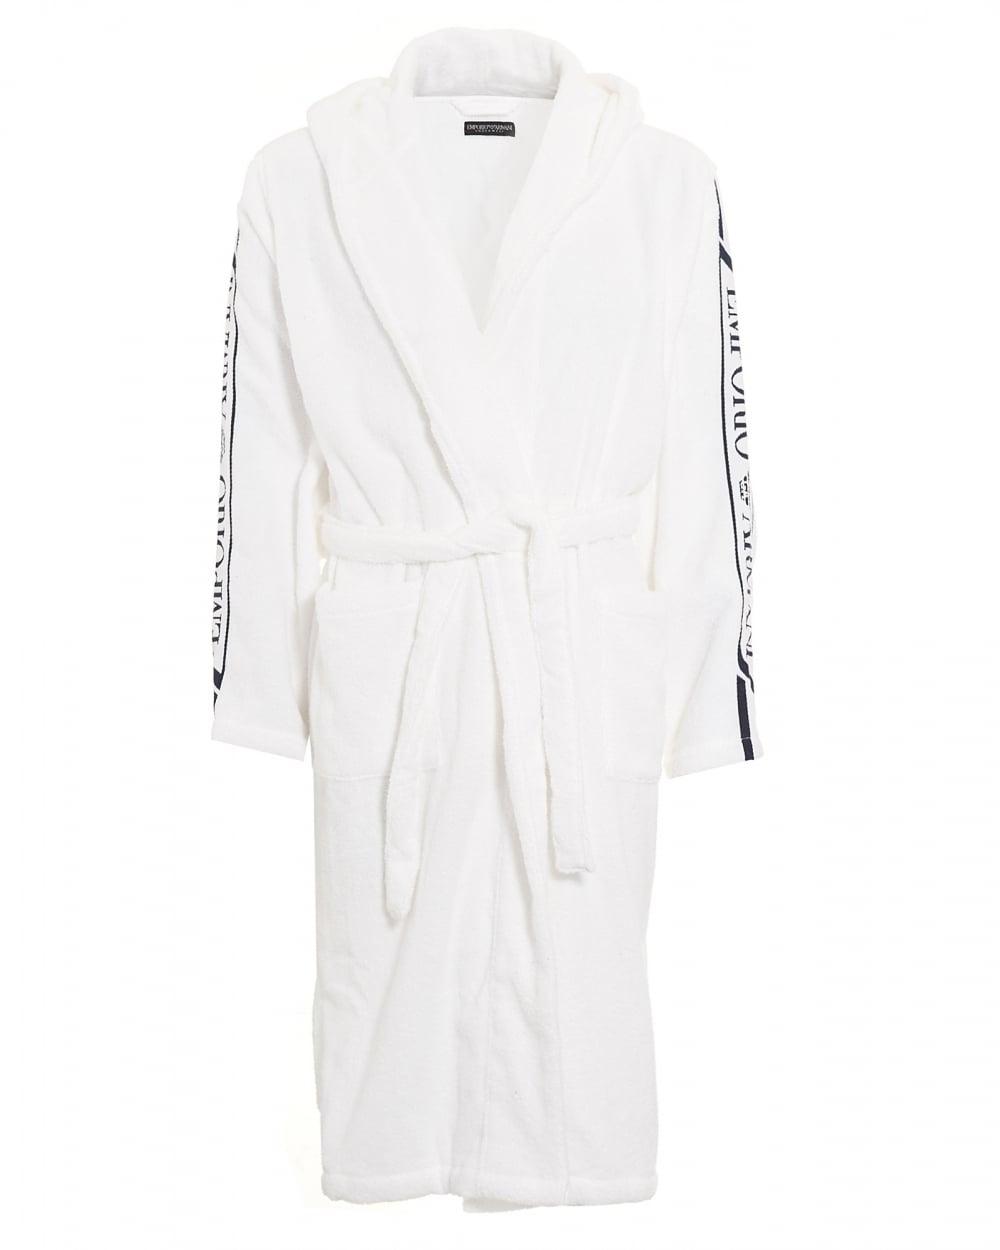 Emporio Armani Mens White Logo Dressing Gown